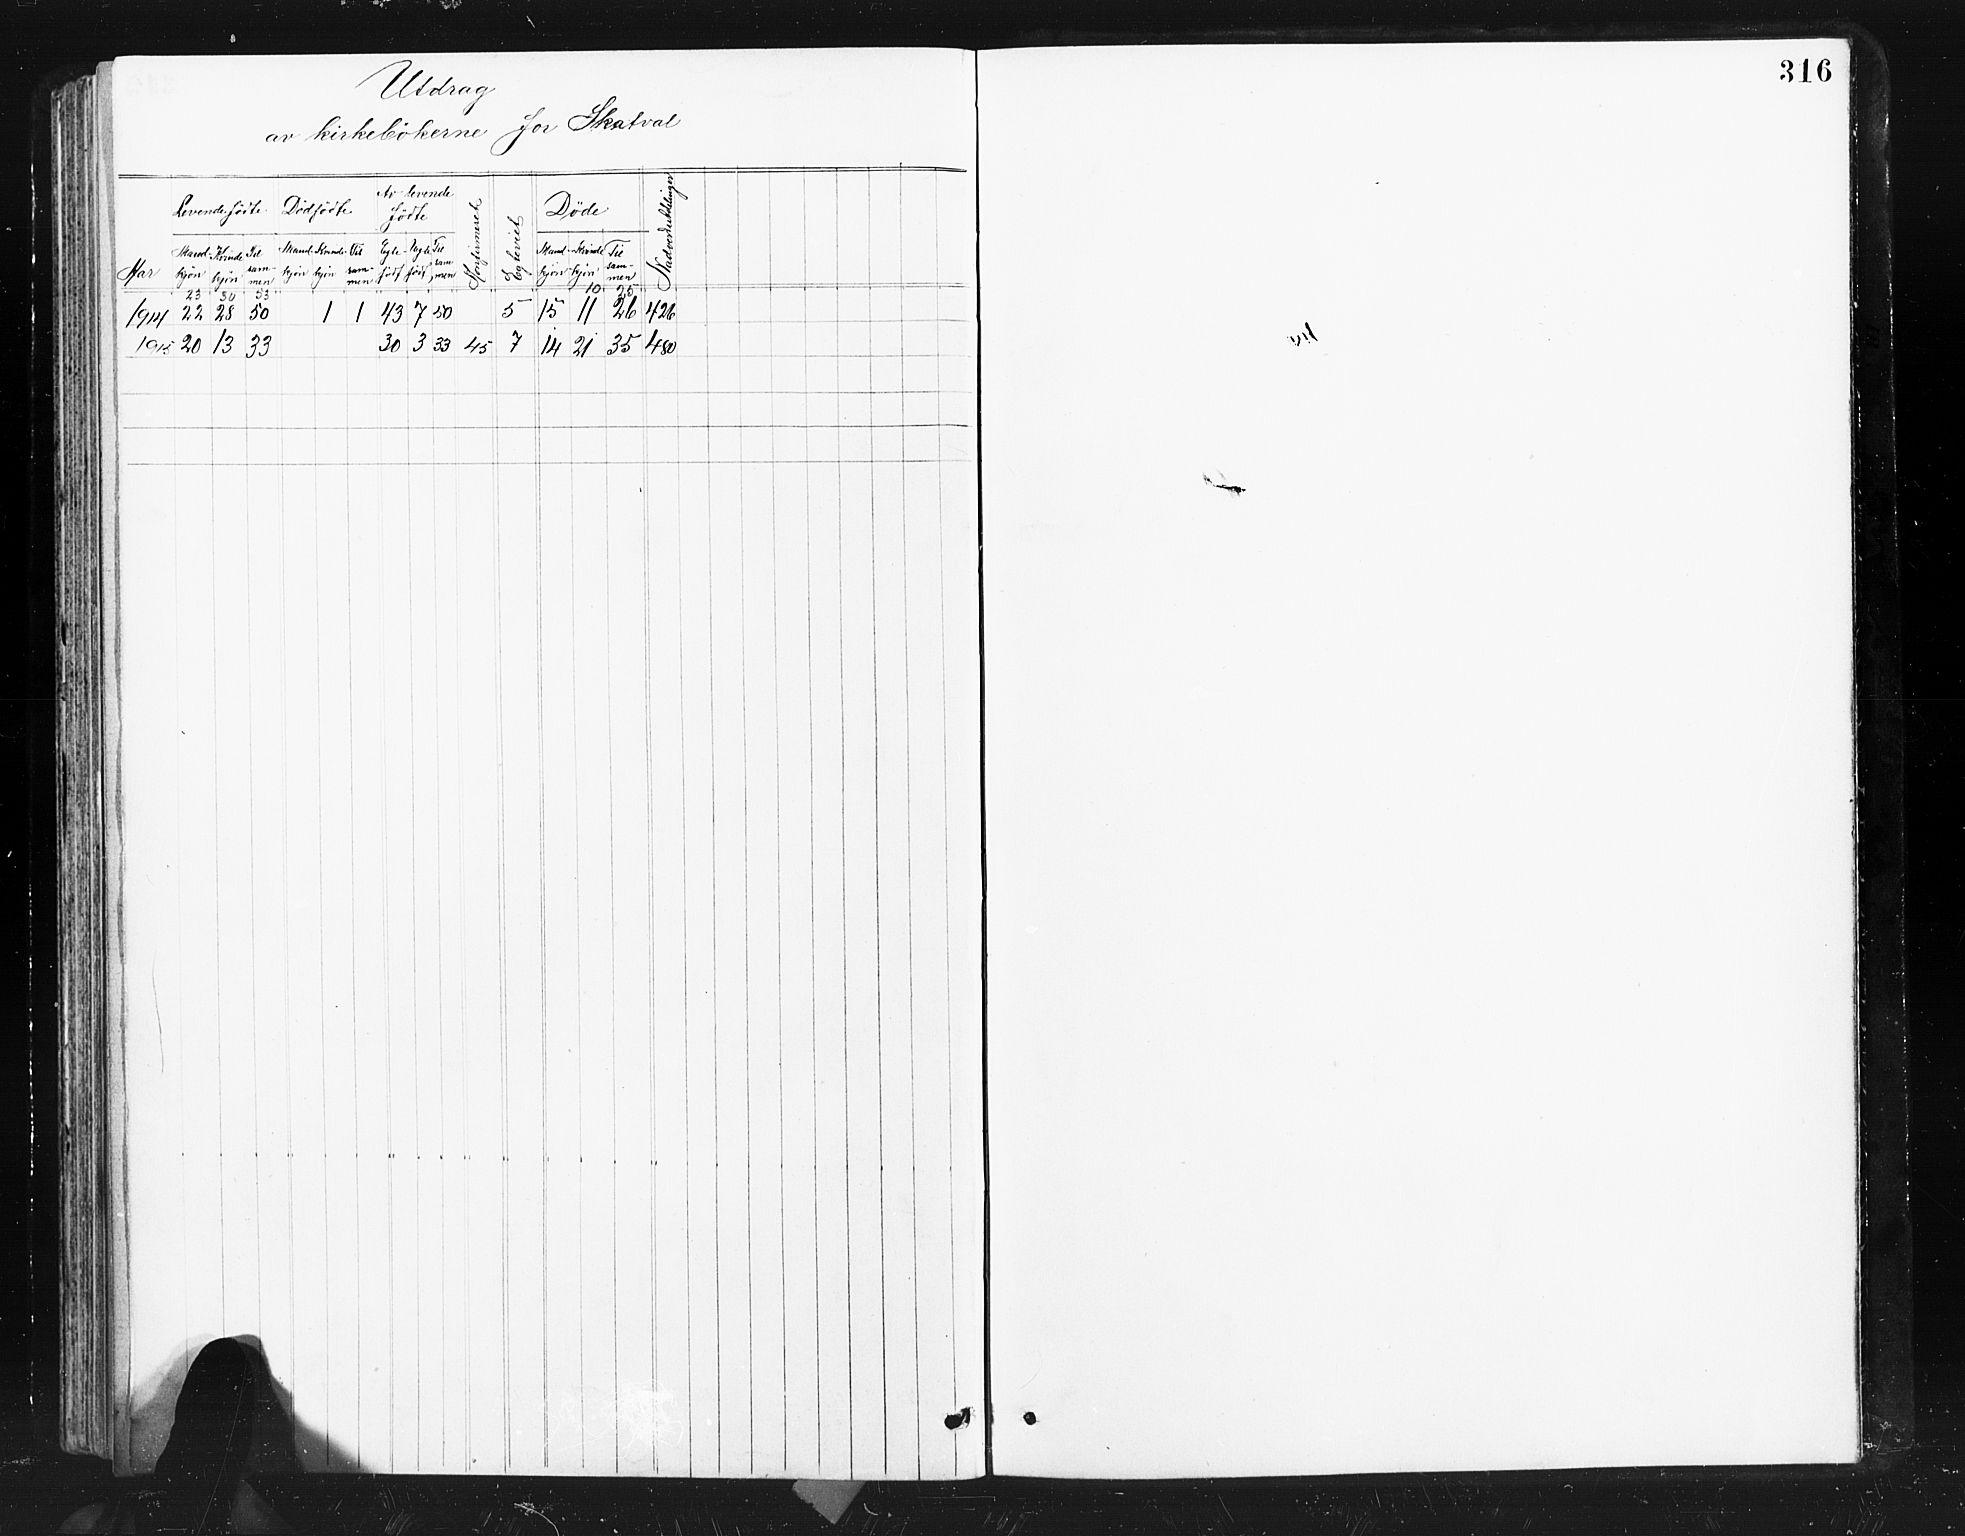 SAT, Ministerialprotokoller, klokkerbøker og fødselsregistre - Nord-Trøndelag, 712/L0103: Klokkerbok nr. 712C01, 1878-1917, s. 316